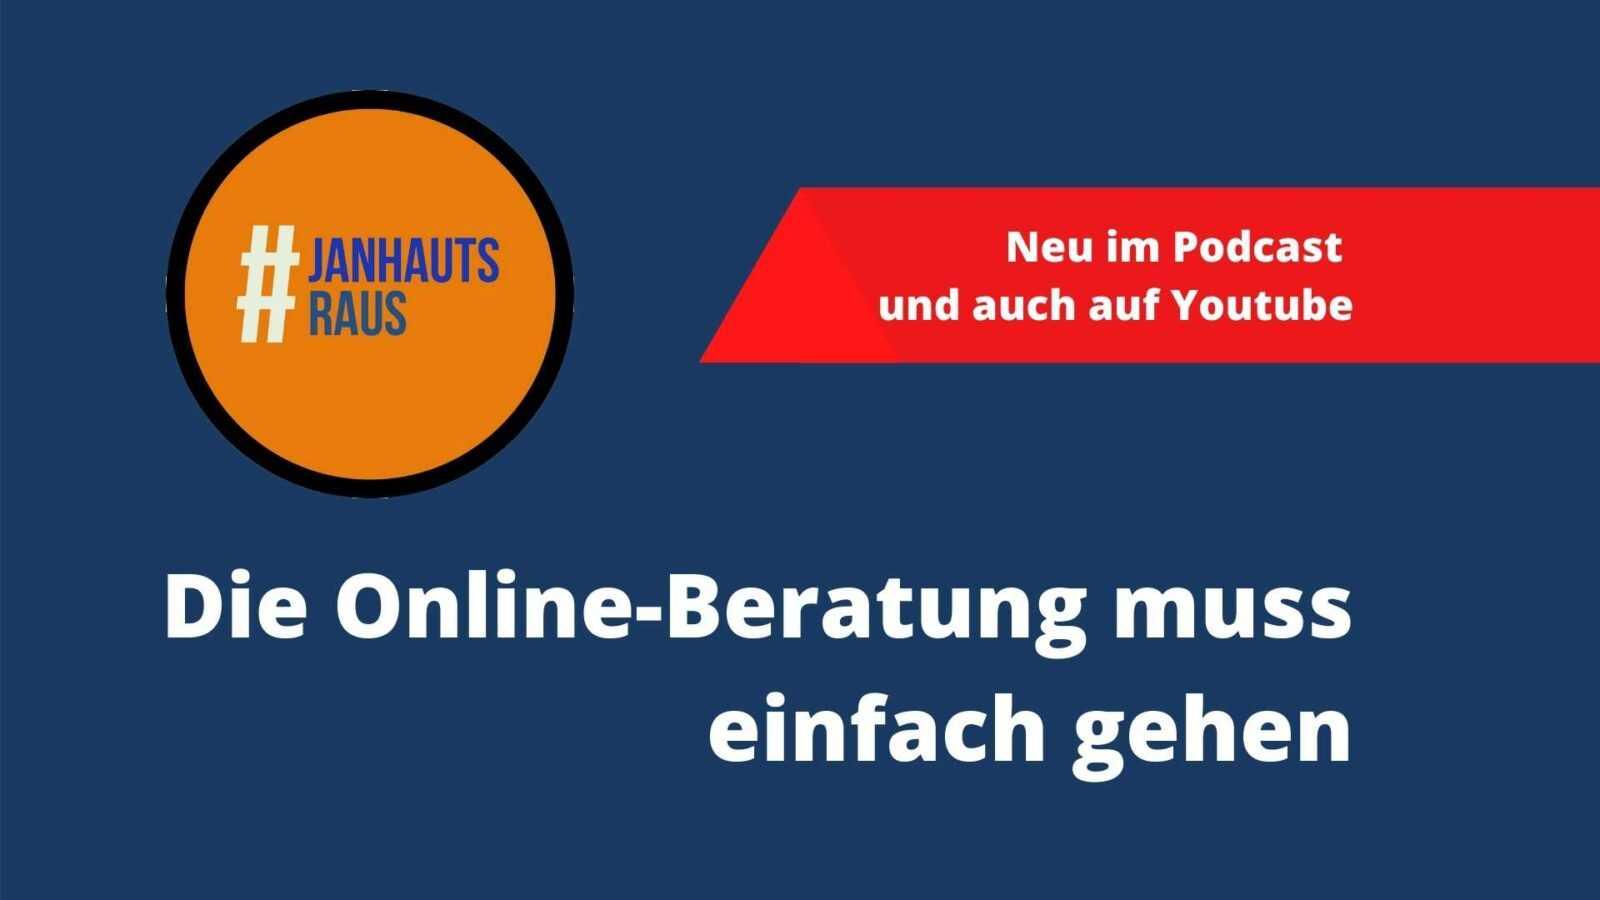 Die Online-Beratung muss einfach gehen #janhautsraus